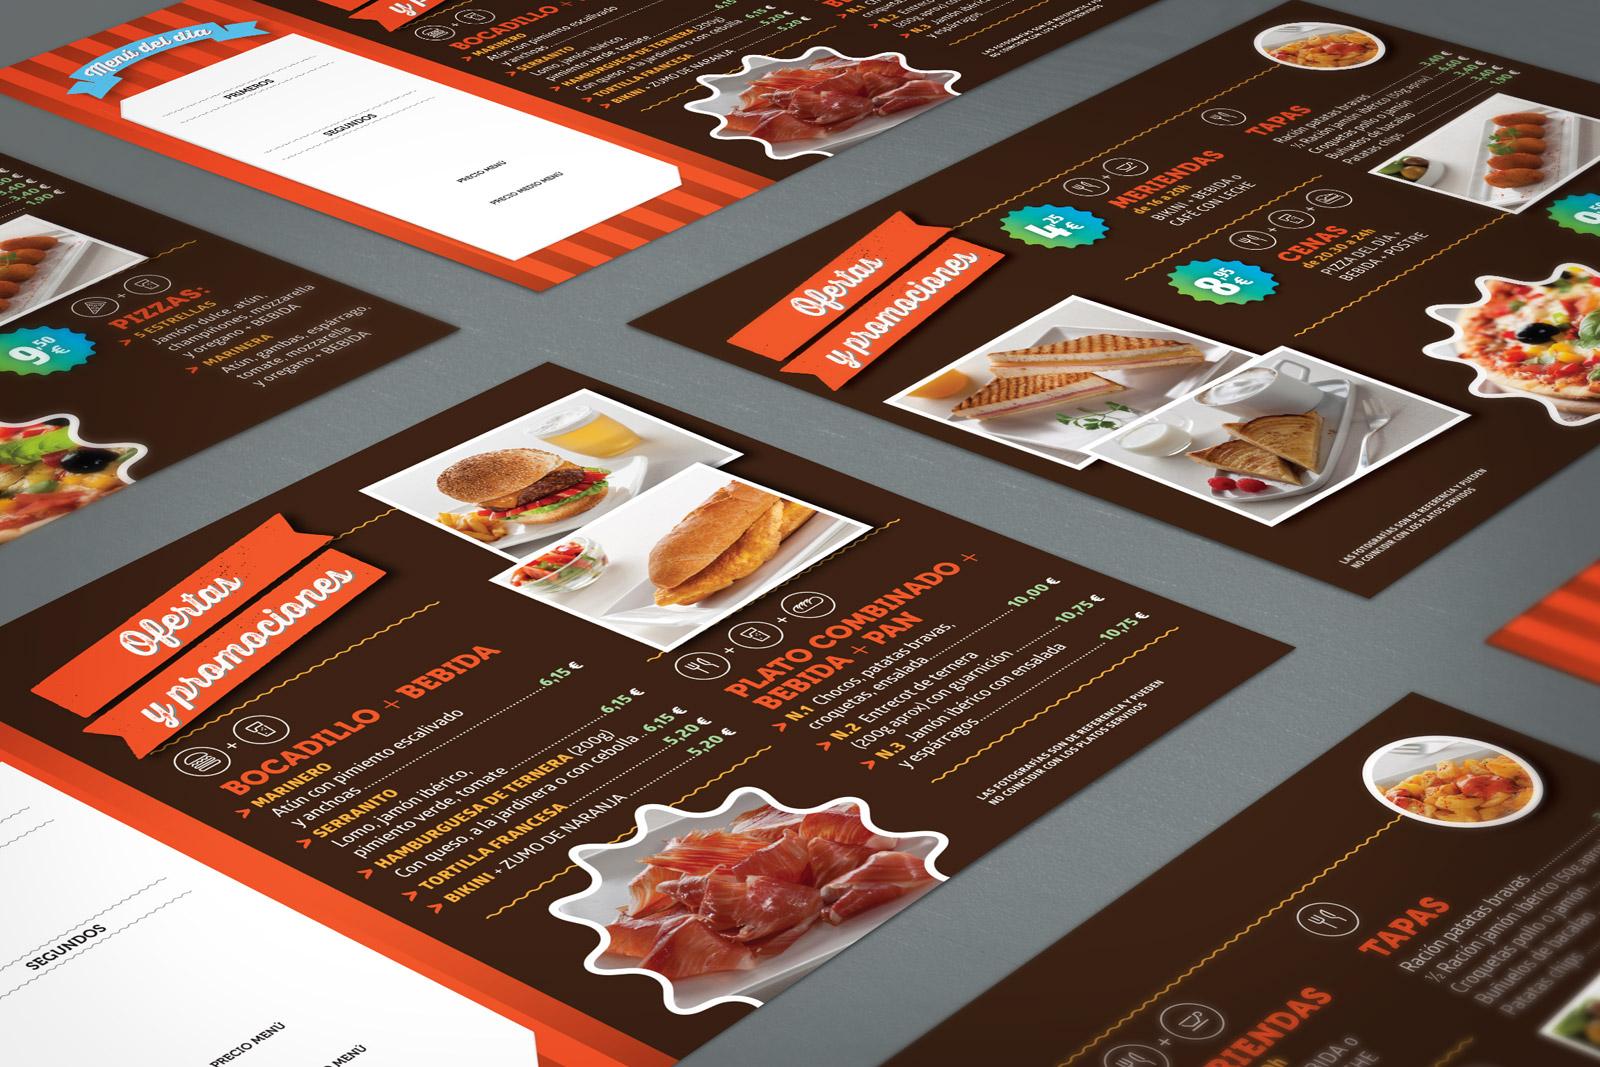 promotional material cirsa placemat menu